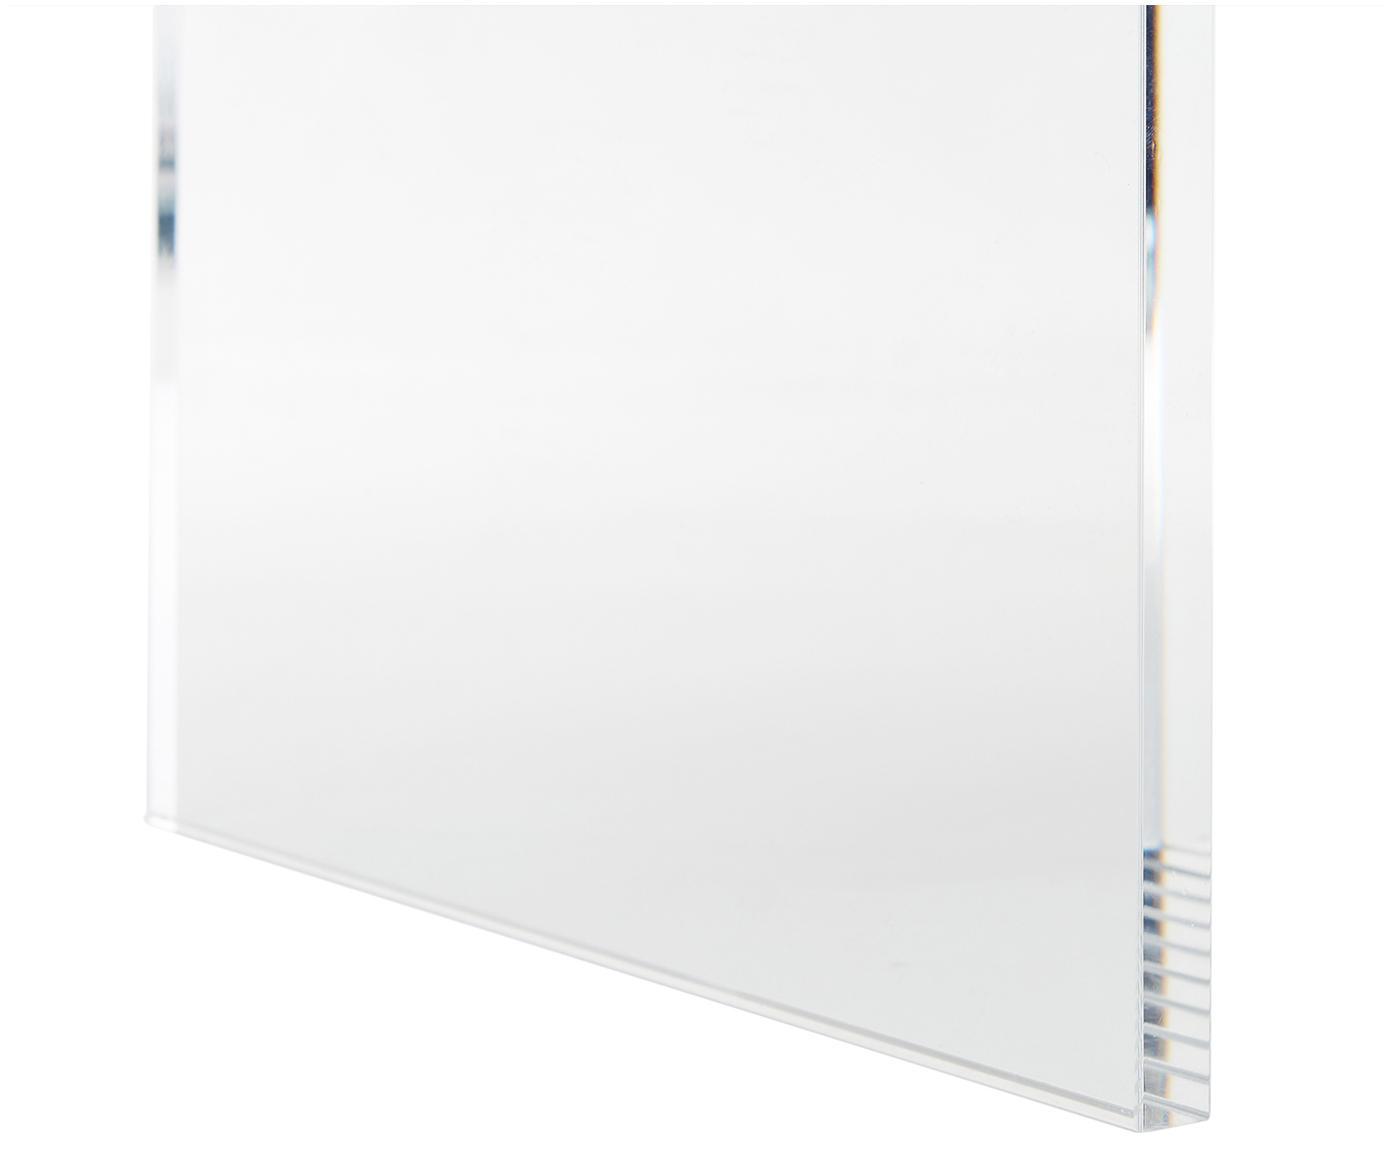 Samt-Hocker Ayden mit Gestell aus Acrylglas, Bezug: Samt (Polyester) 25.000 S, Gestell: Massives Pappelholz, Sper, Beine: Acrylglas, Bezug: BeigeGestell: Transparent, 61 x 45 cm